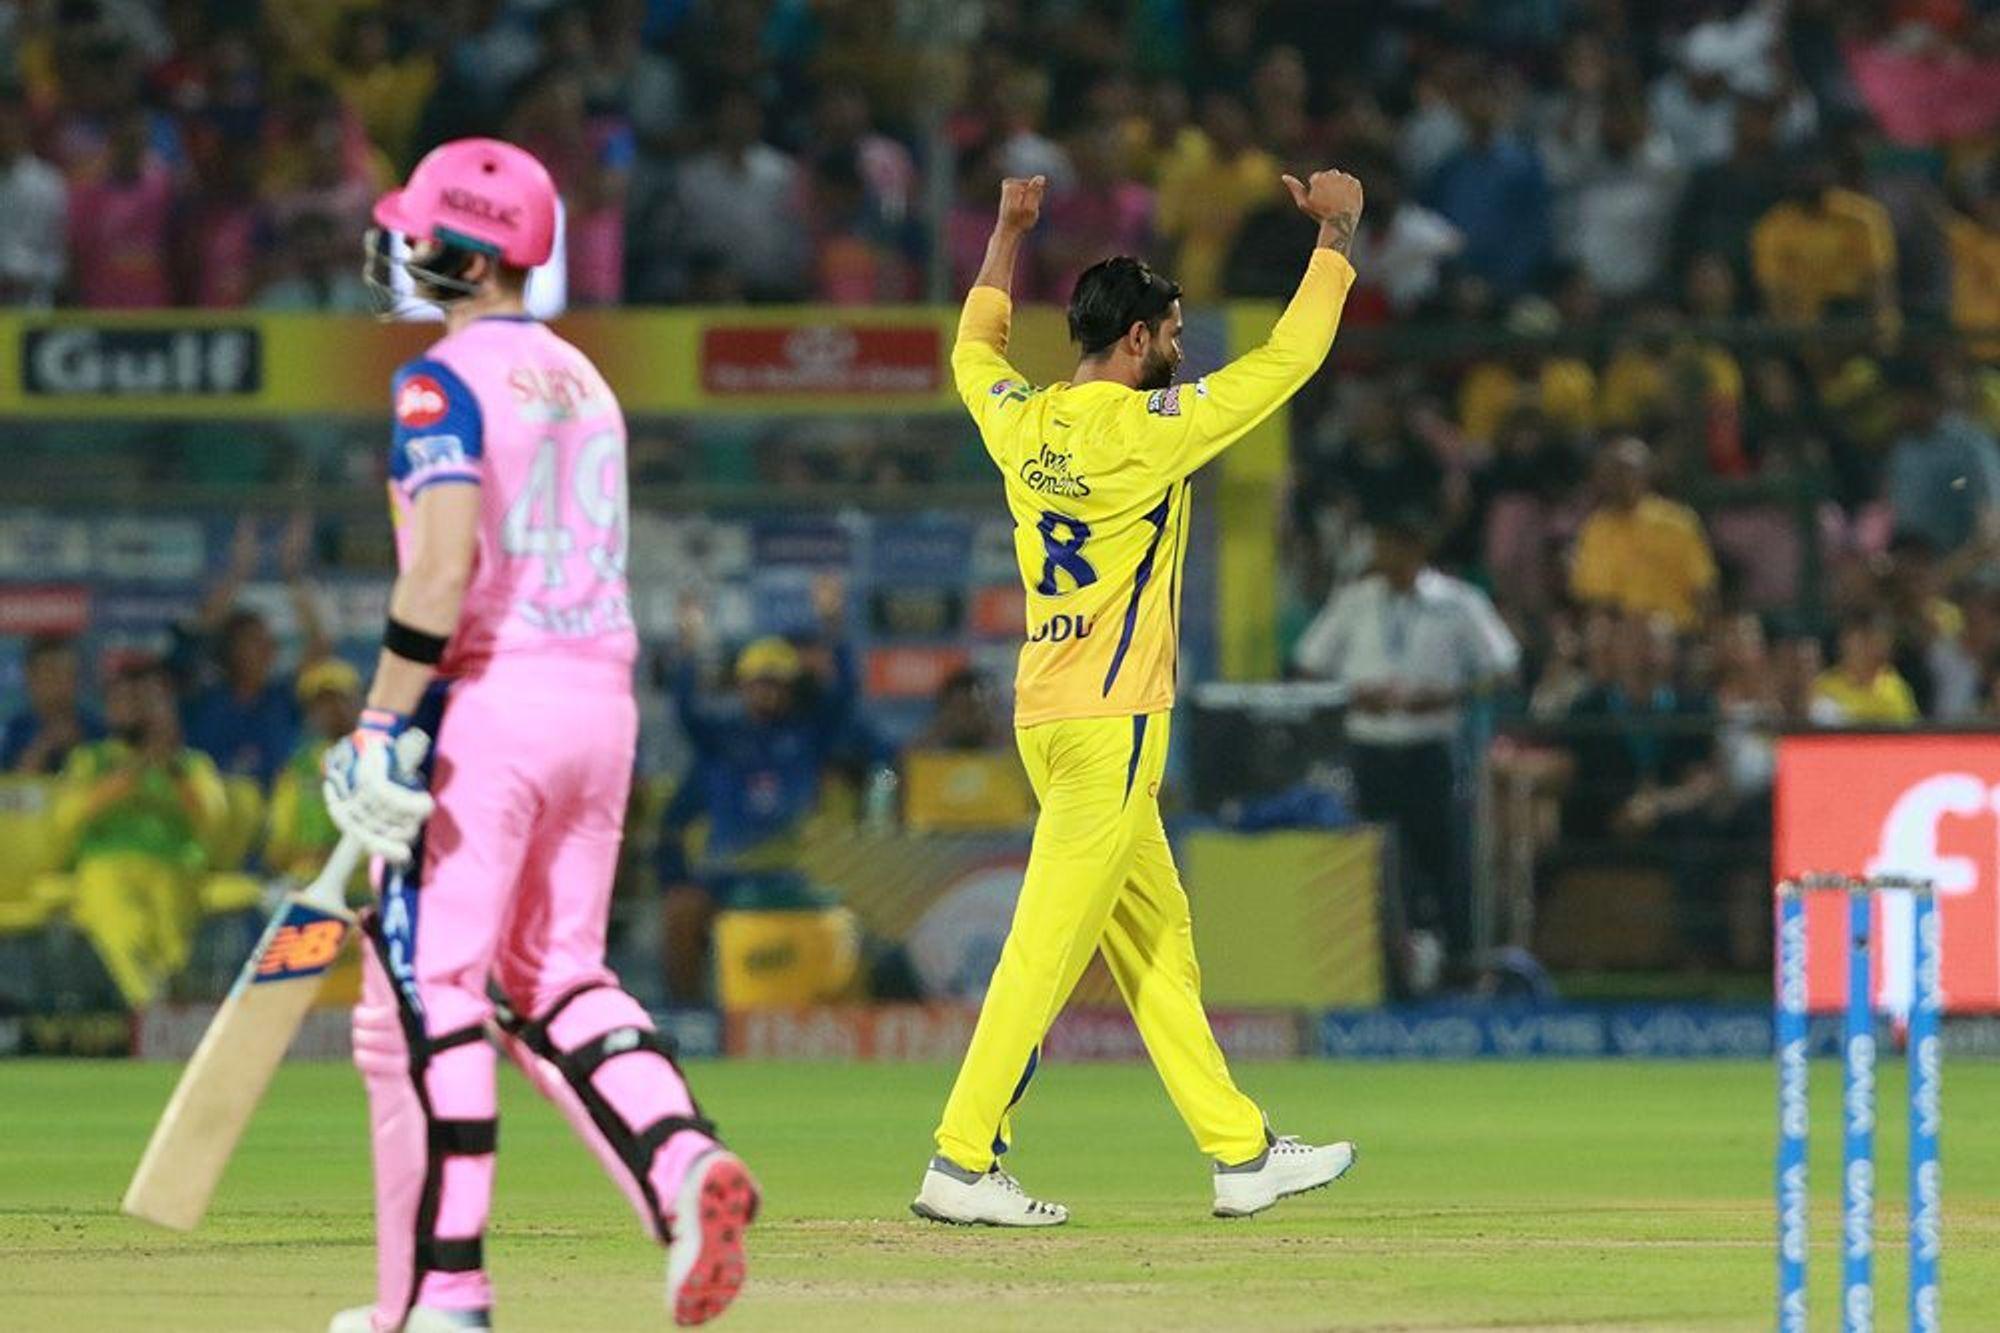 IPL 2019: राजस्थान रॉयल्स ने खड़ा किया 151 रनों का विशाल लक्ष्य, फिर भी उठी इस दिग्गज को बाहर करने की मांग 1